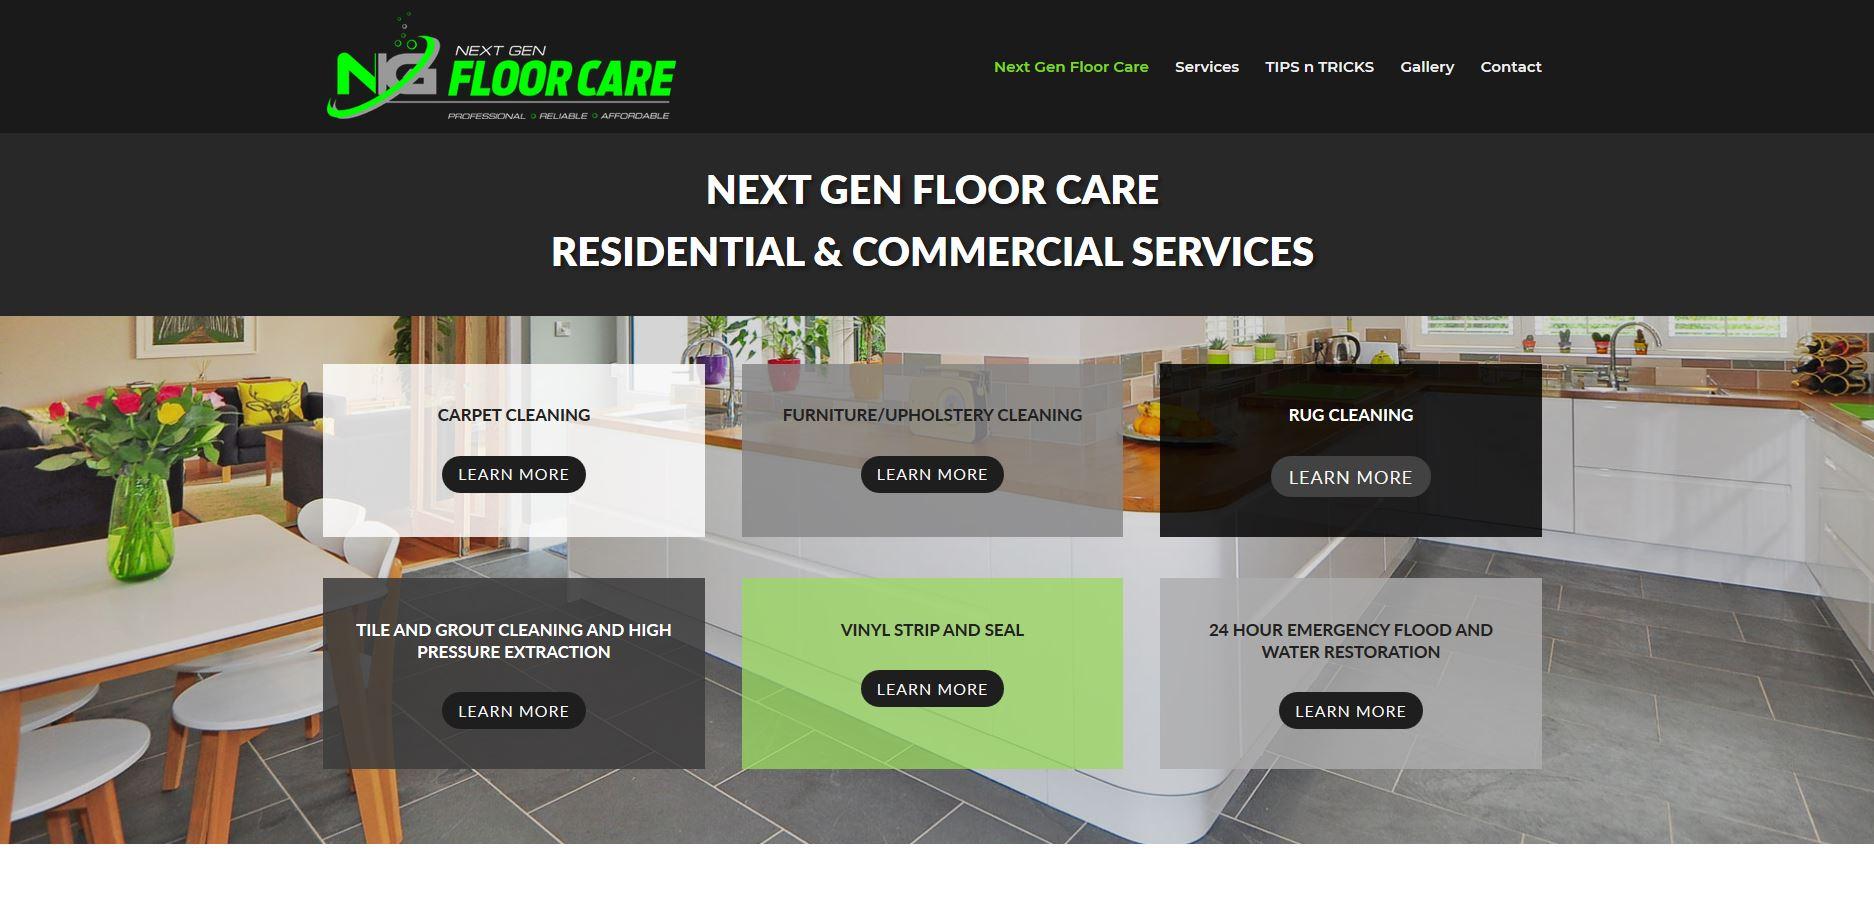 Website for Next Gen Floor Care